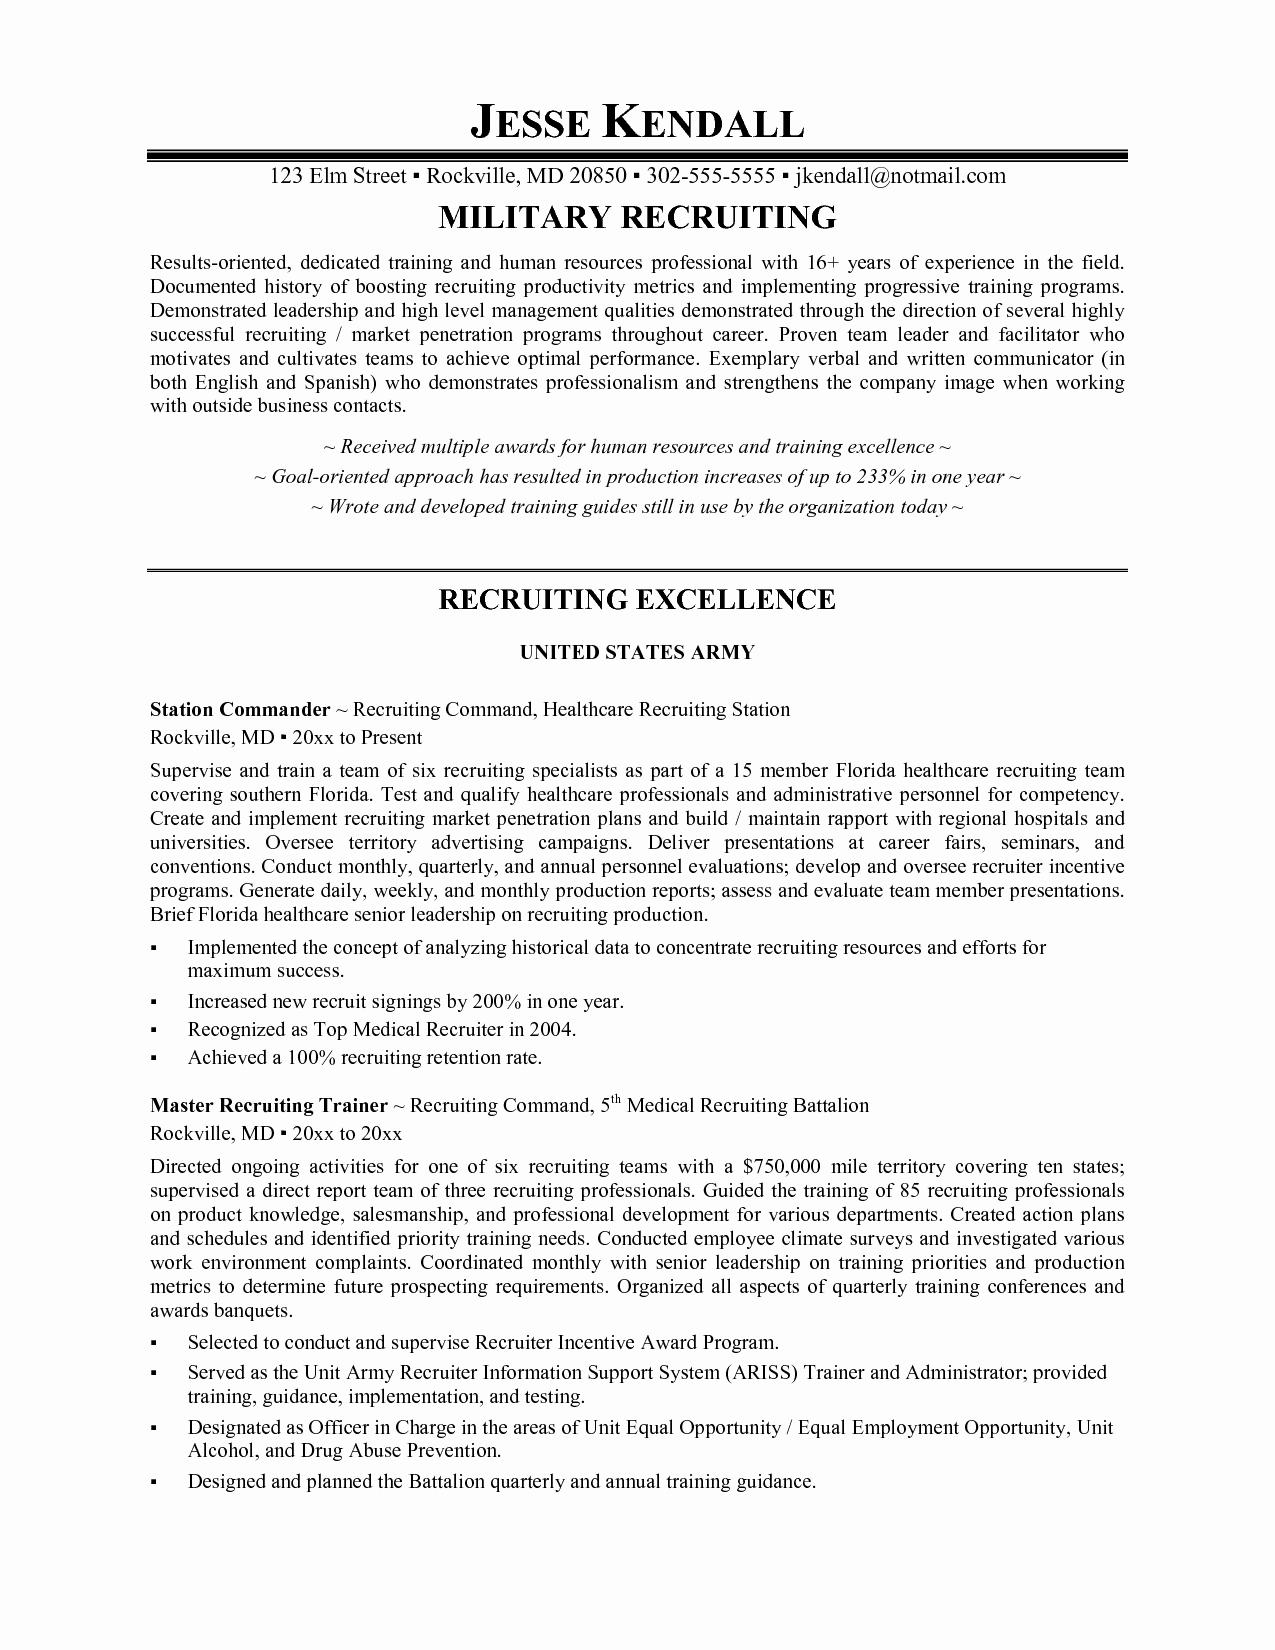 Resume for Recruiter Position Sample Sidemcicek